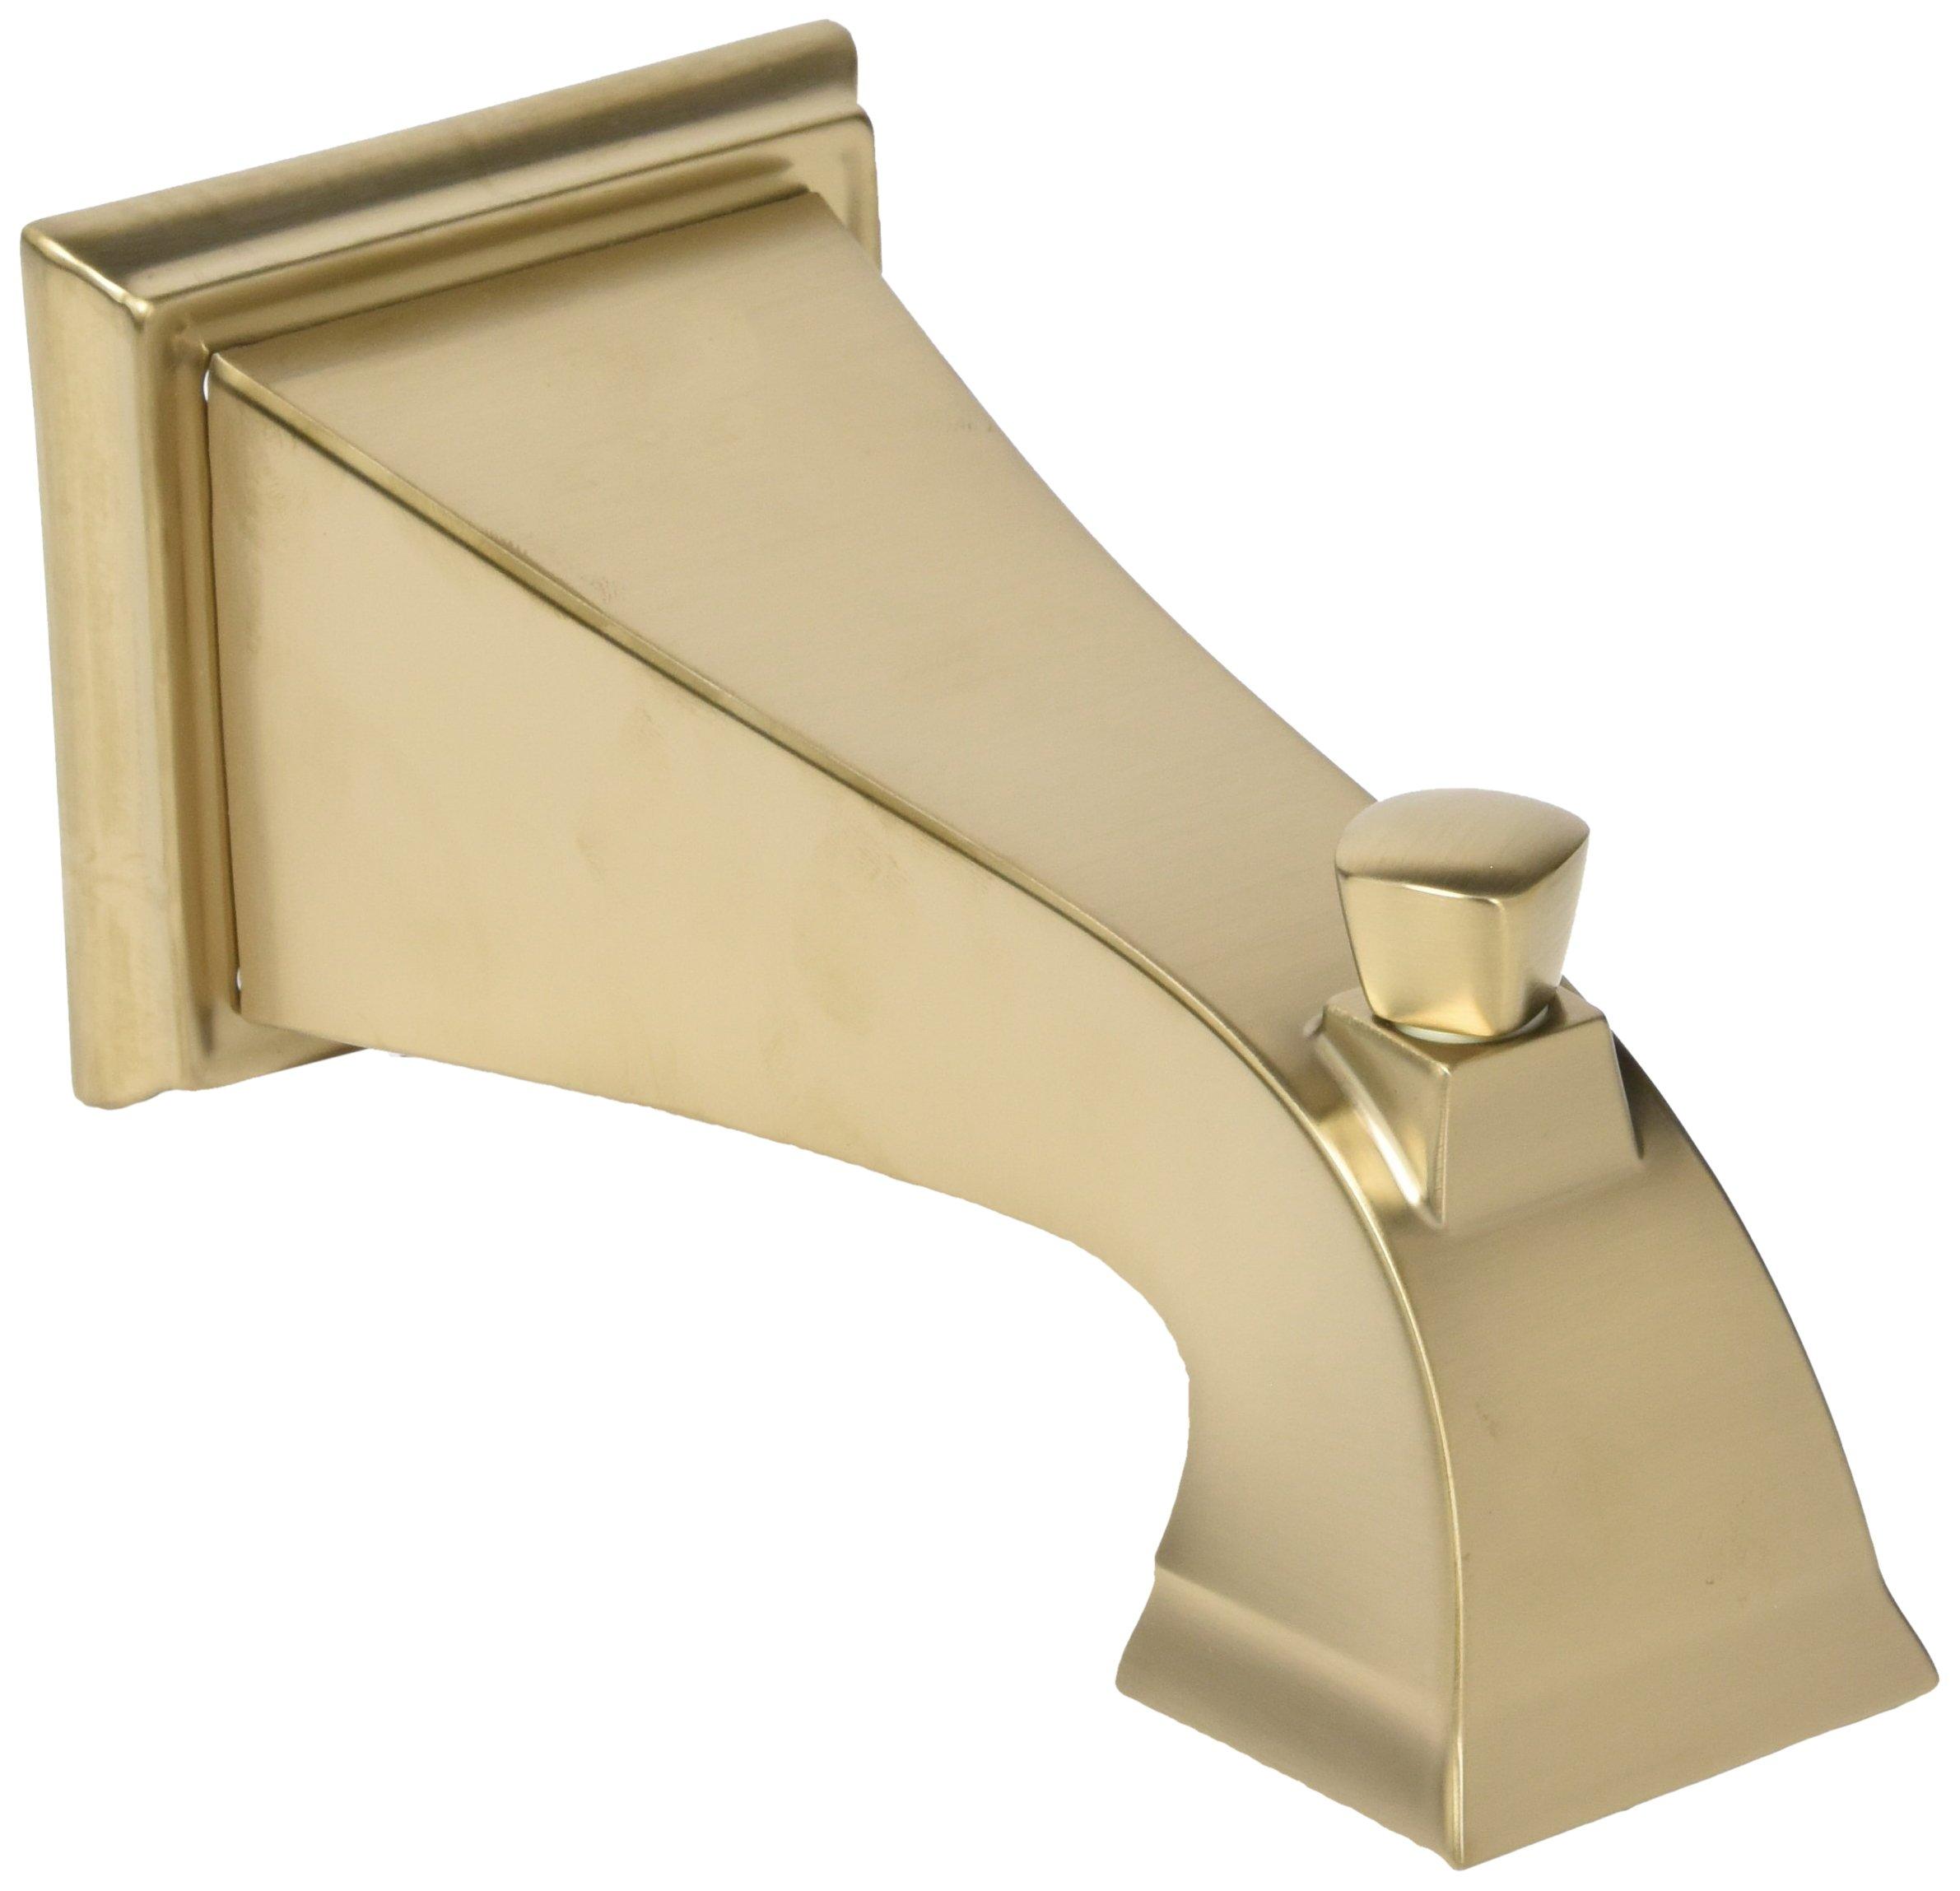 Delta Faucet RP52148CZ Dryden, Tub Spout - Pull-Up Diverter, Champagne Bronze by DELTA FAUCET